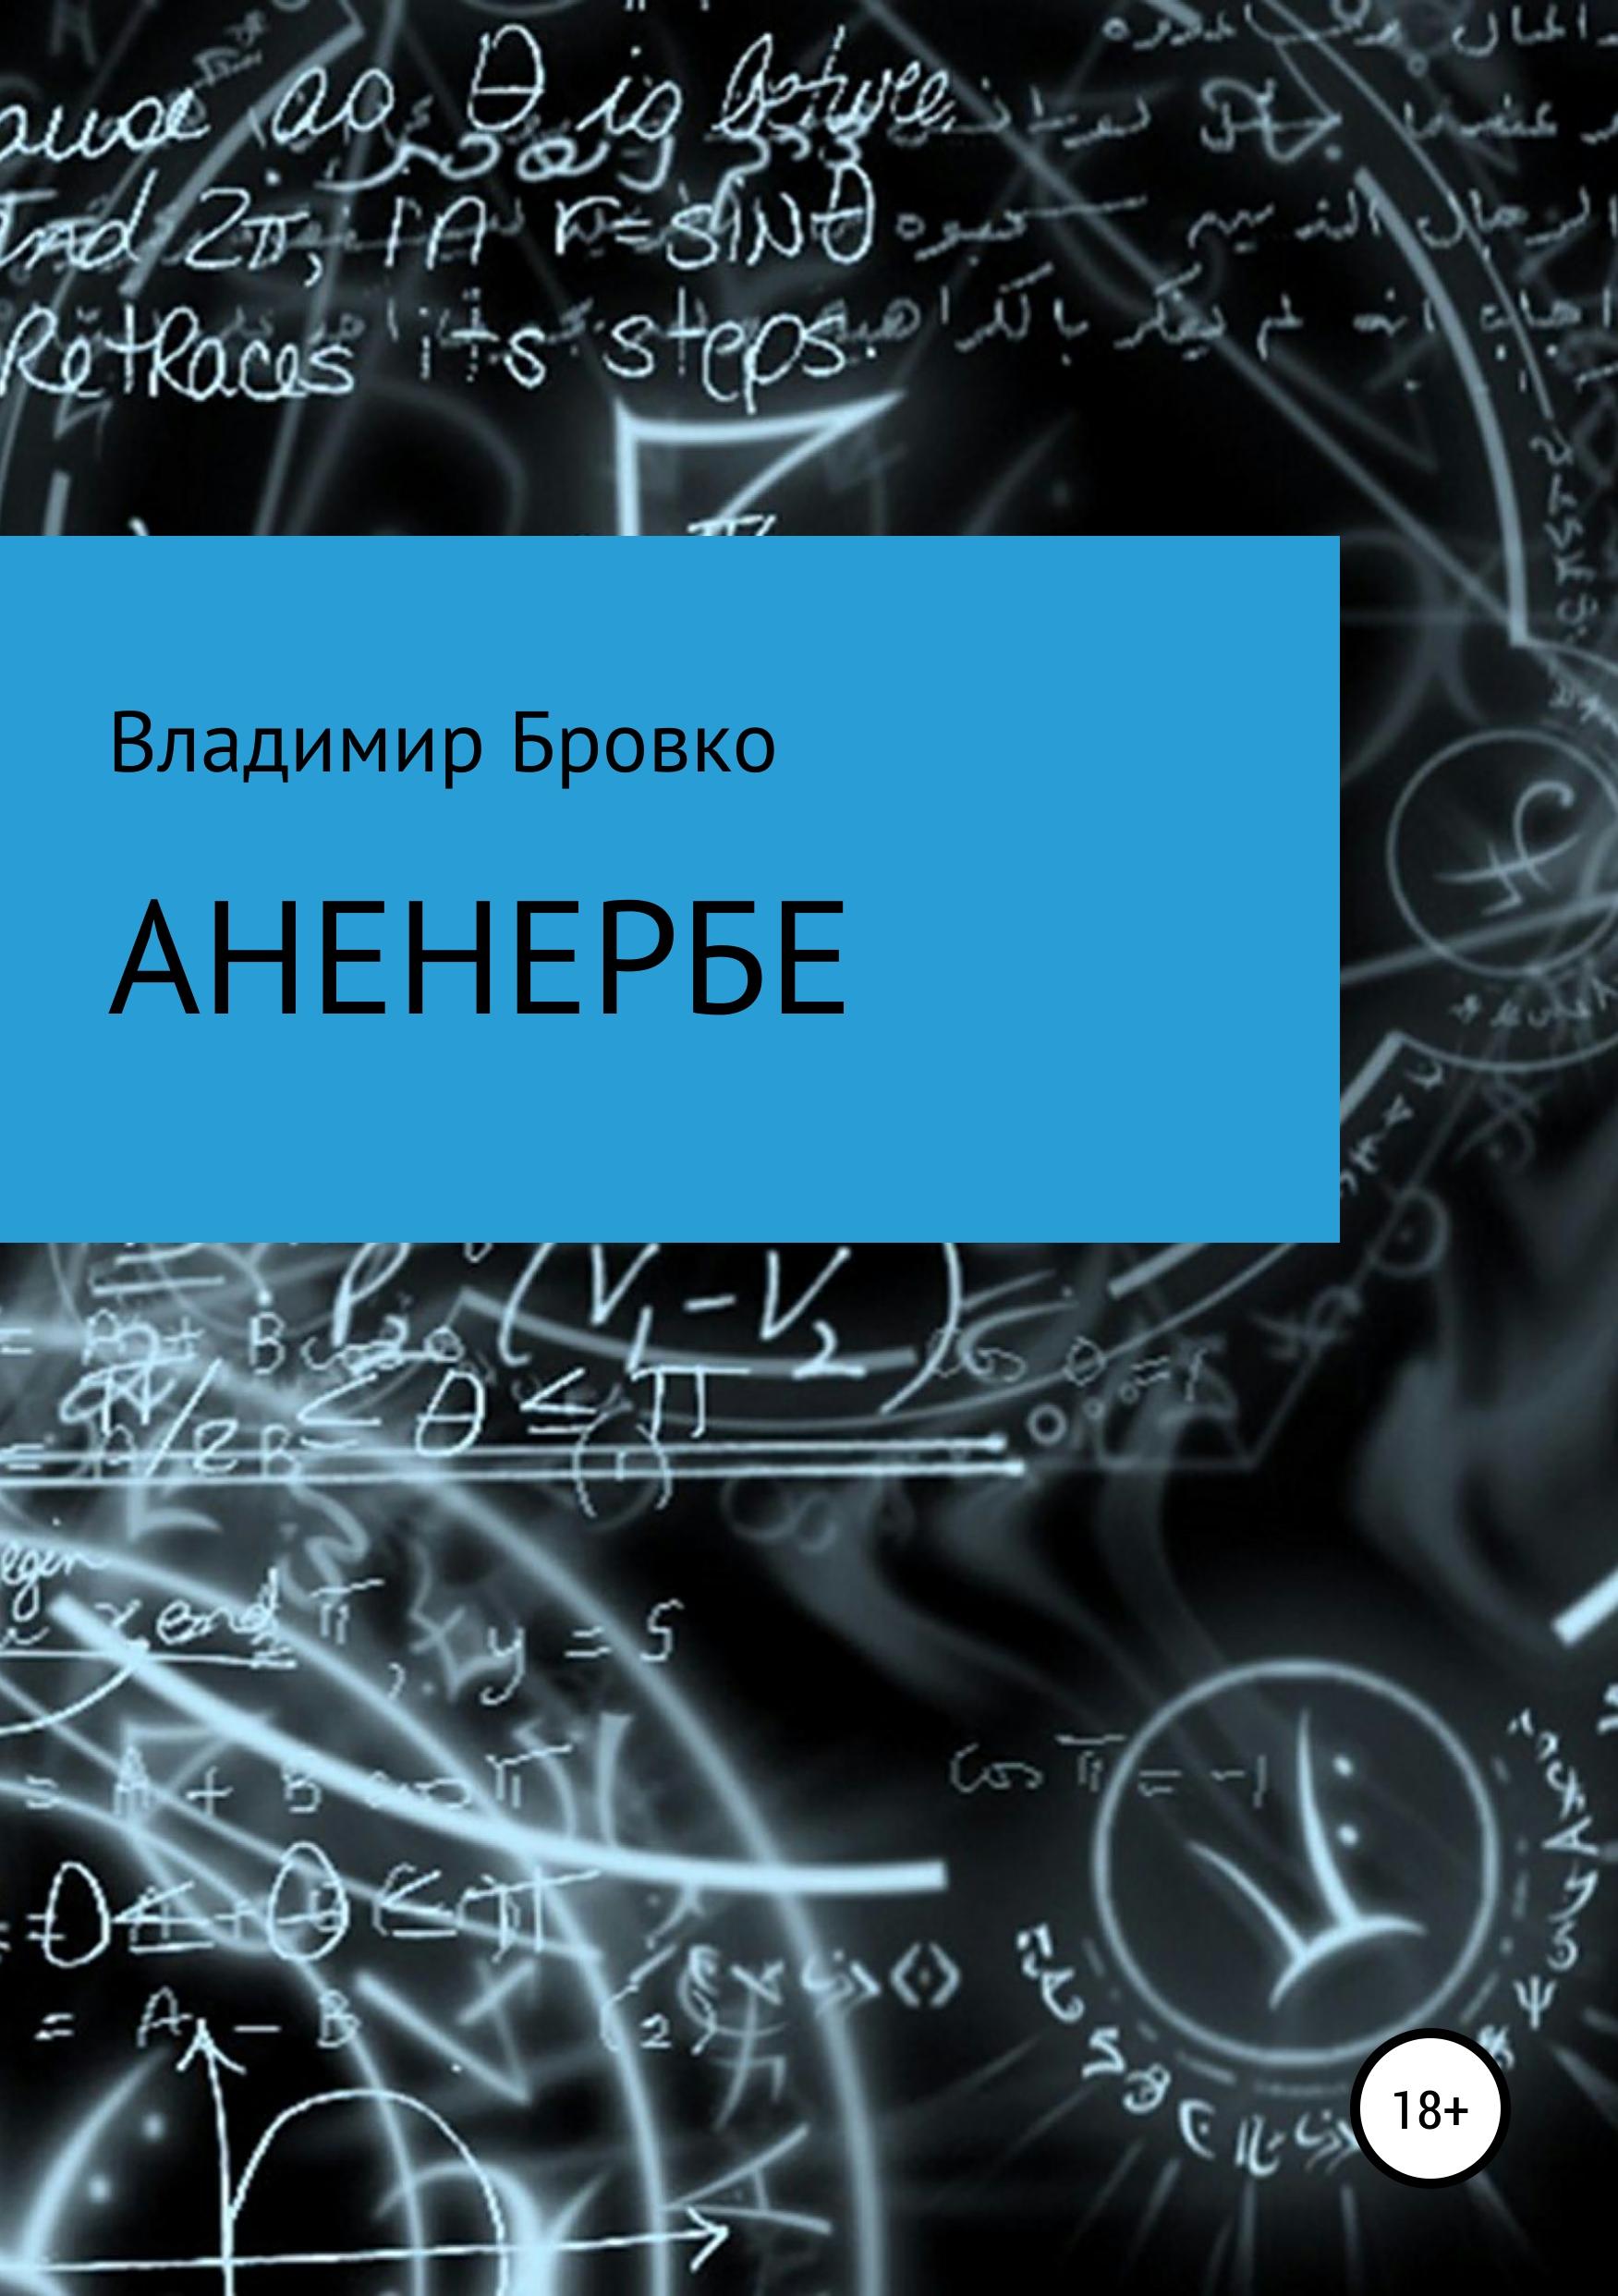 купить Владимир Петрович Бровко Аненербе по цене 39.9 рублей